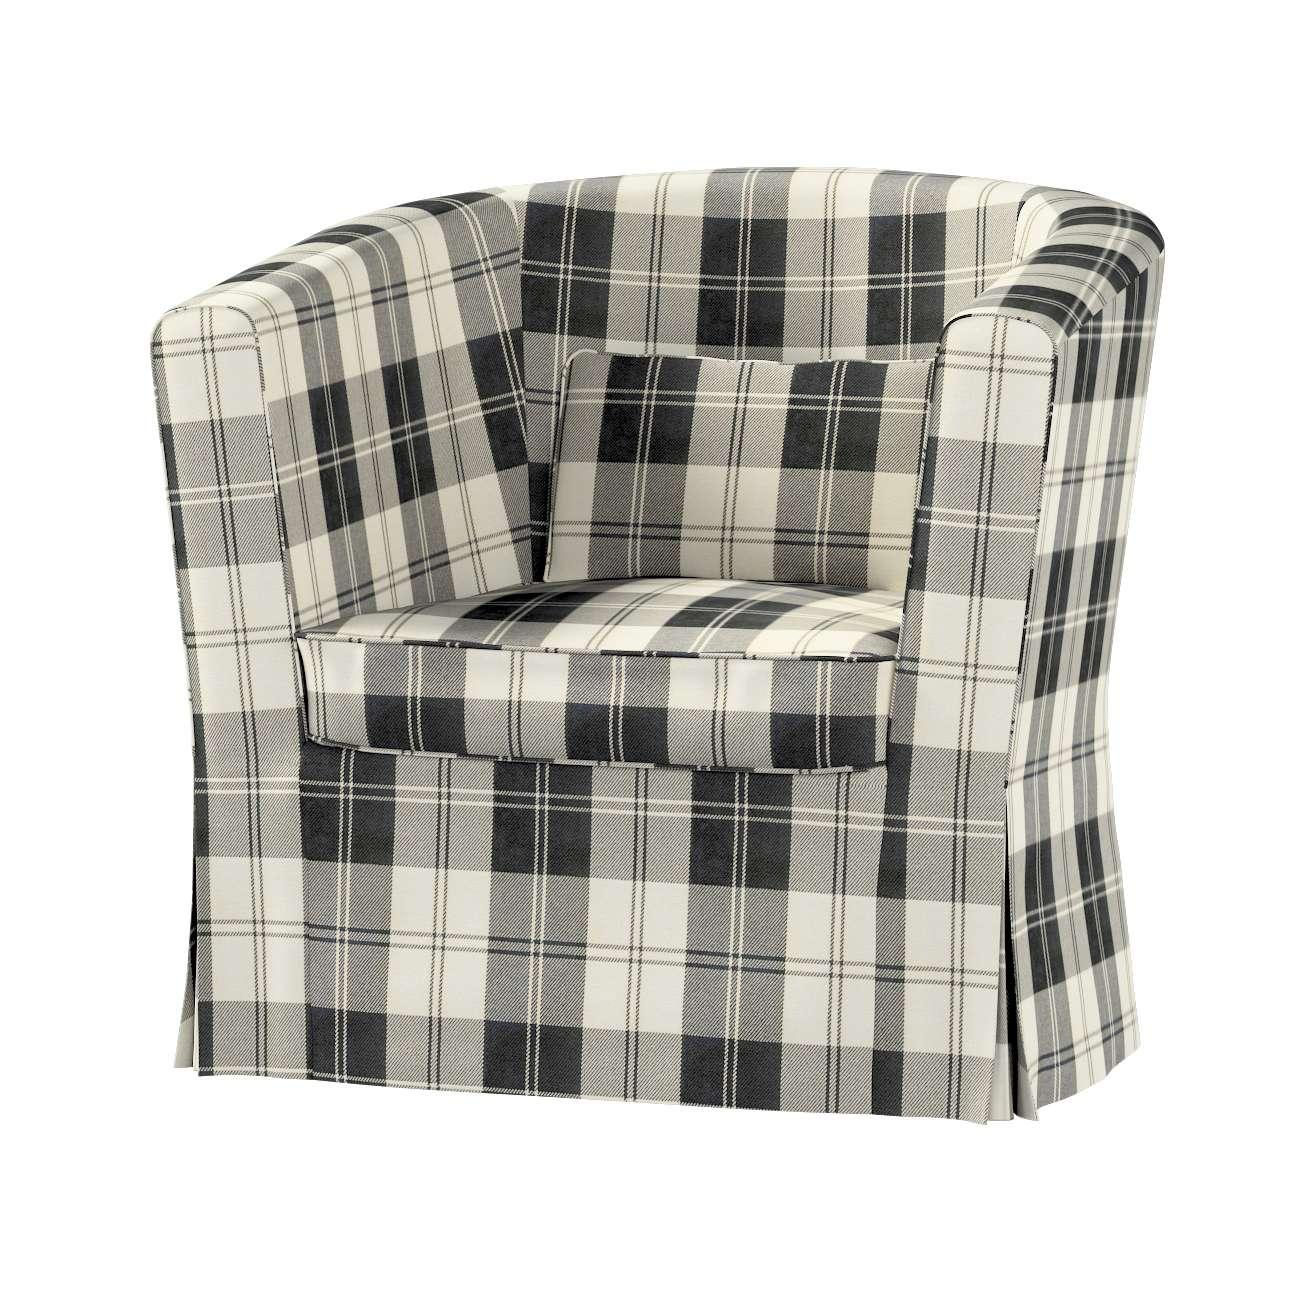 Huzat Ikea Ektorp Tullsta fotelhez a kollekcióból Edinburgh Bútorszövet, Dekoranyag: 115-74